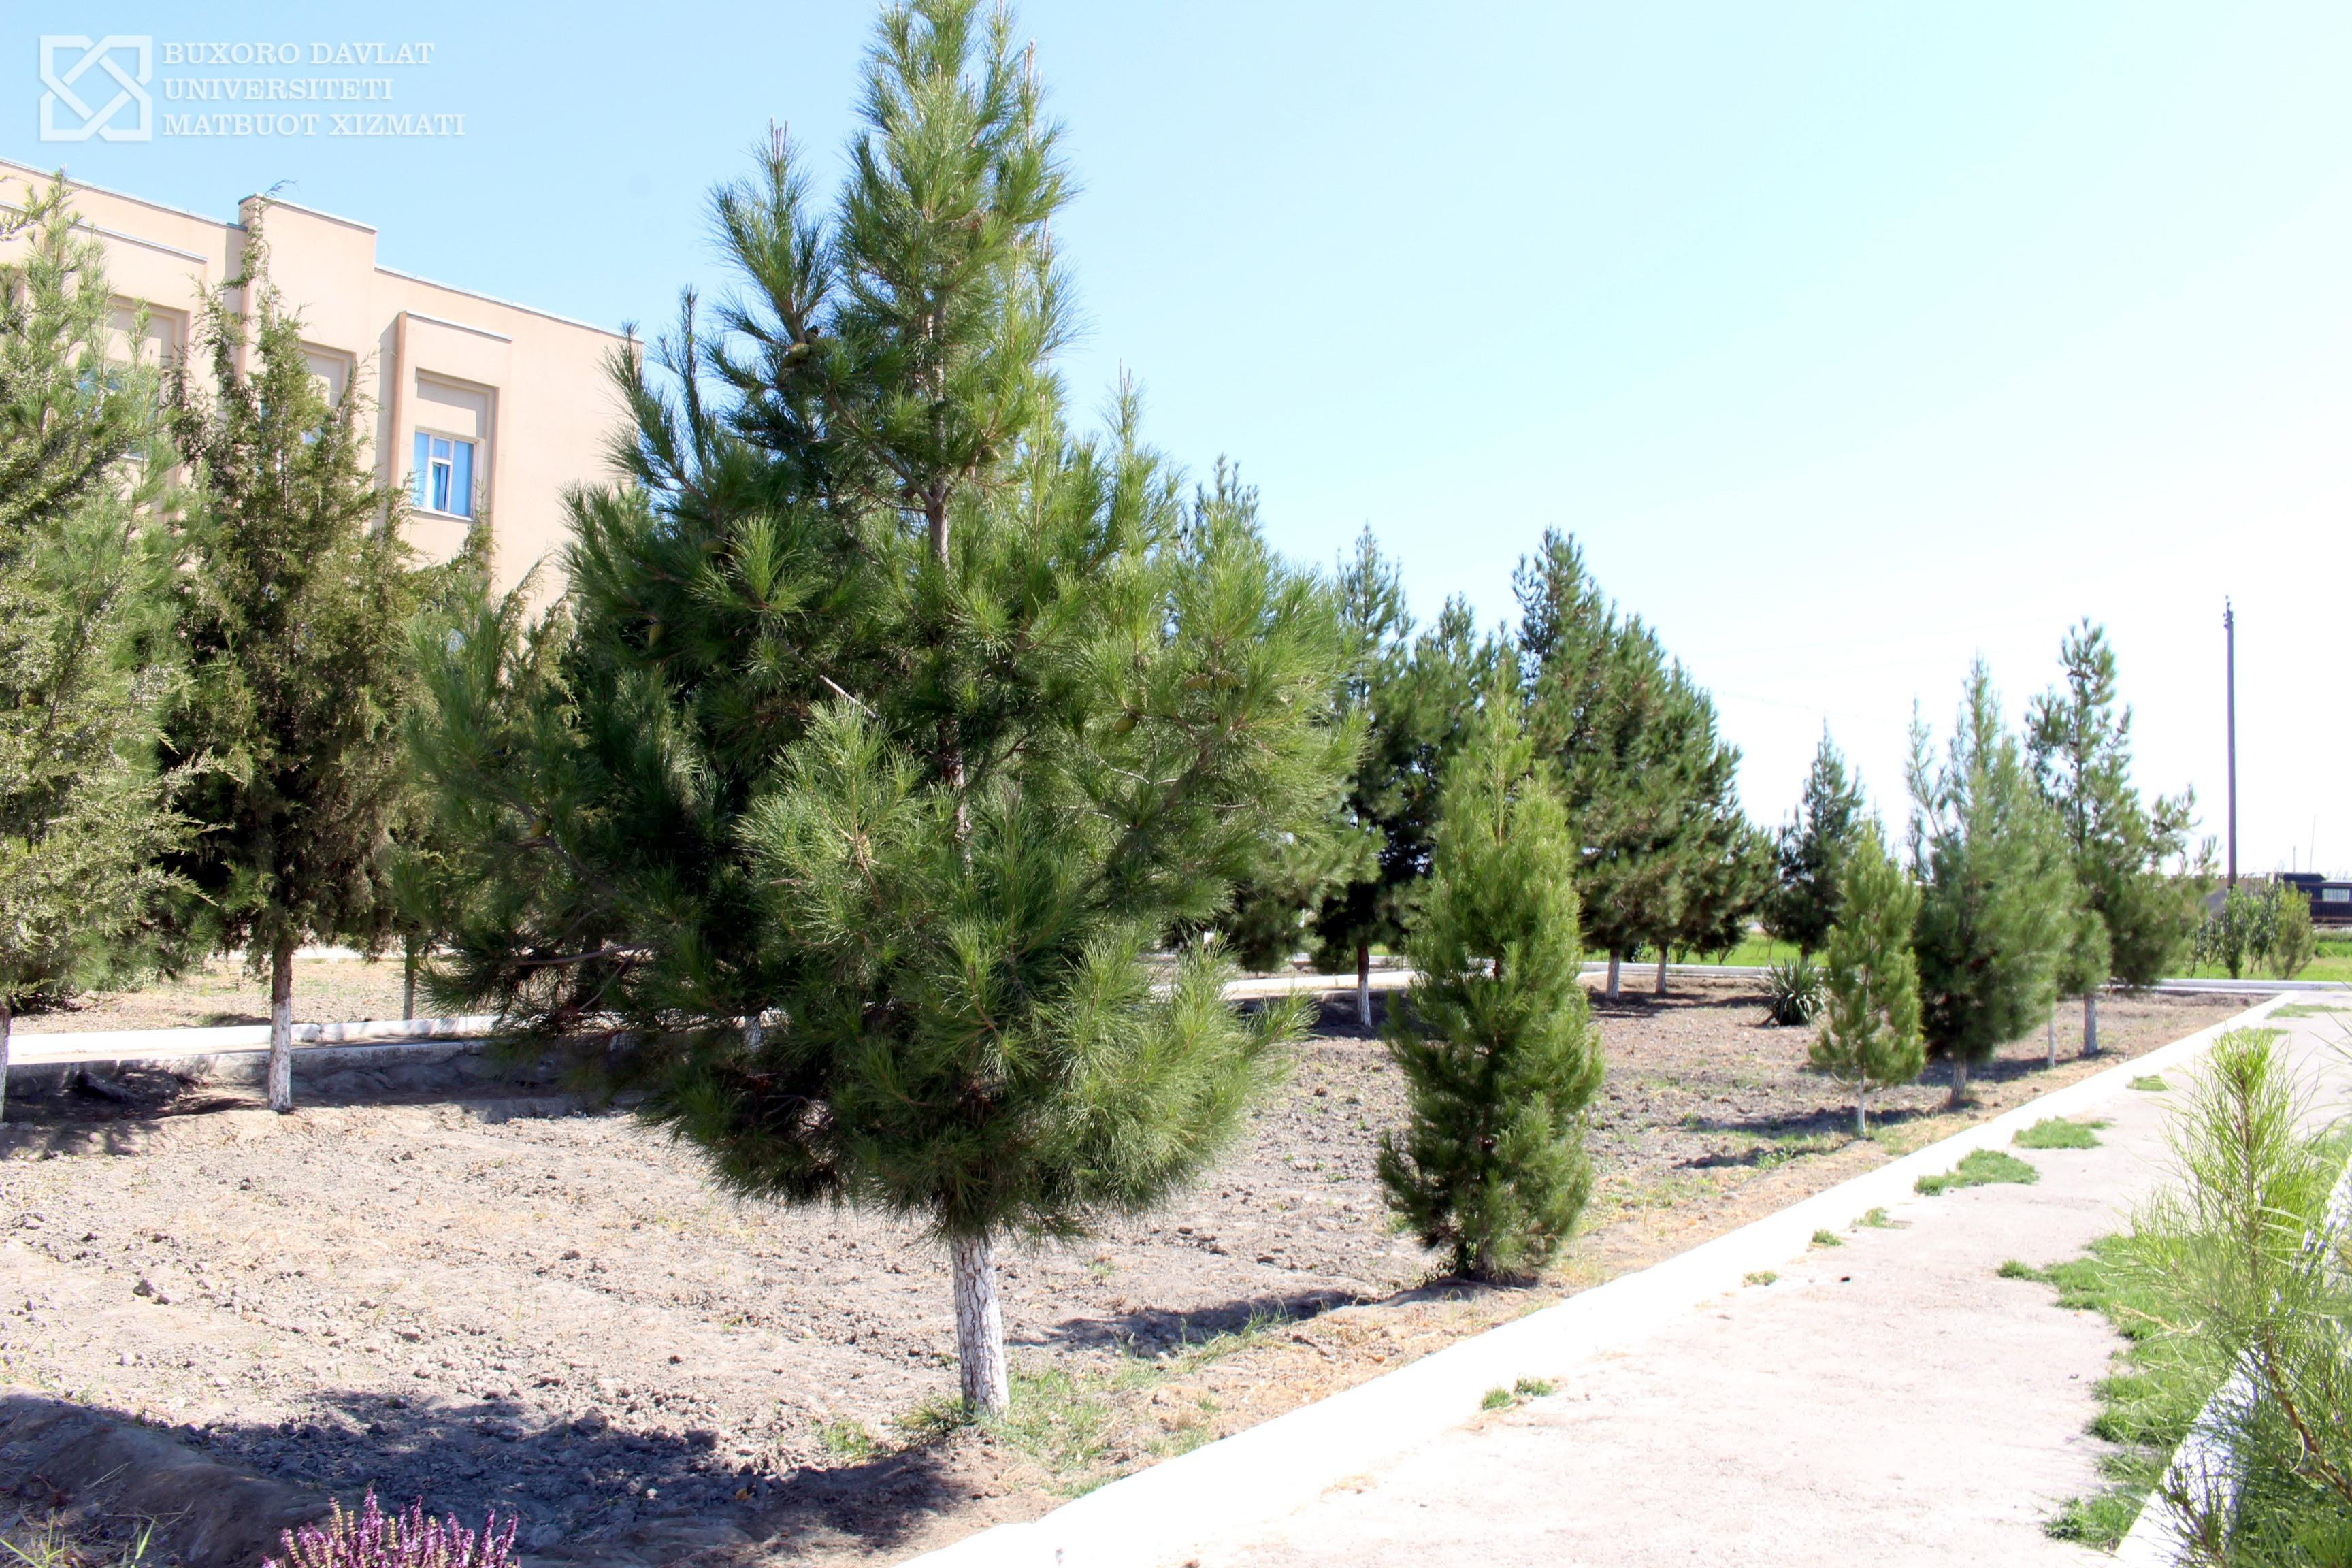 BDU-Buxoro davlat universiteti